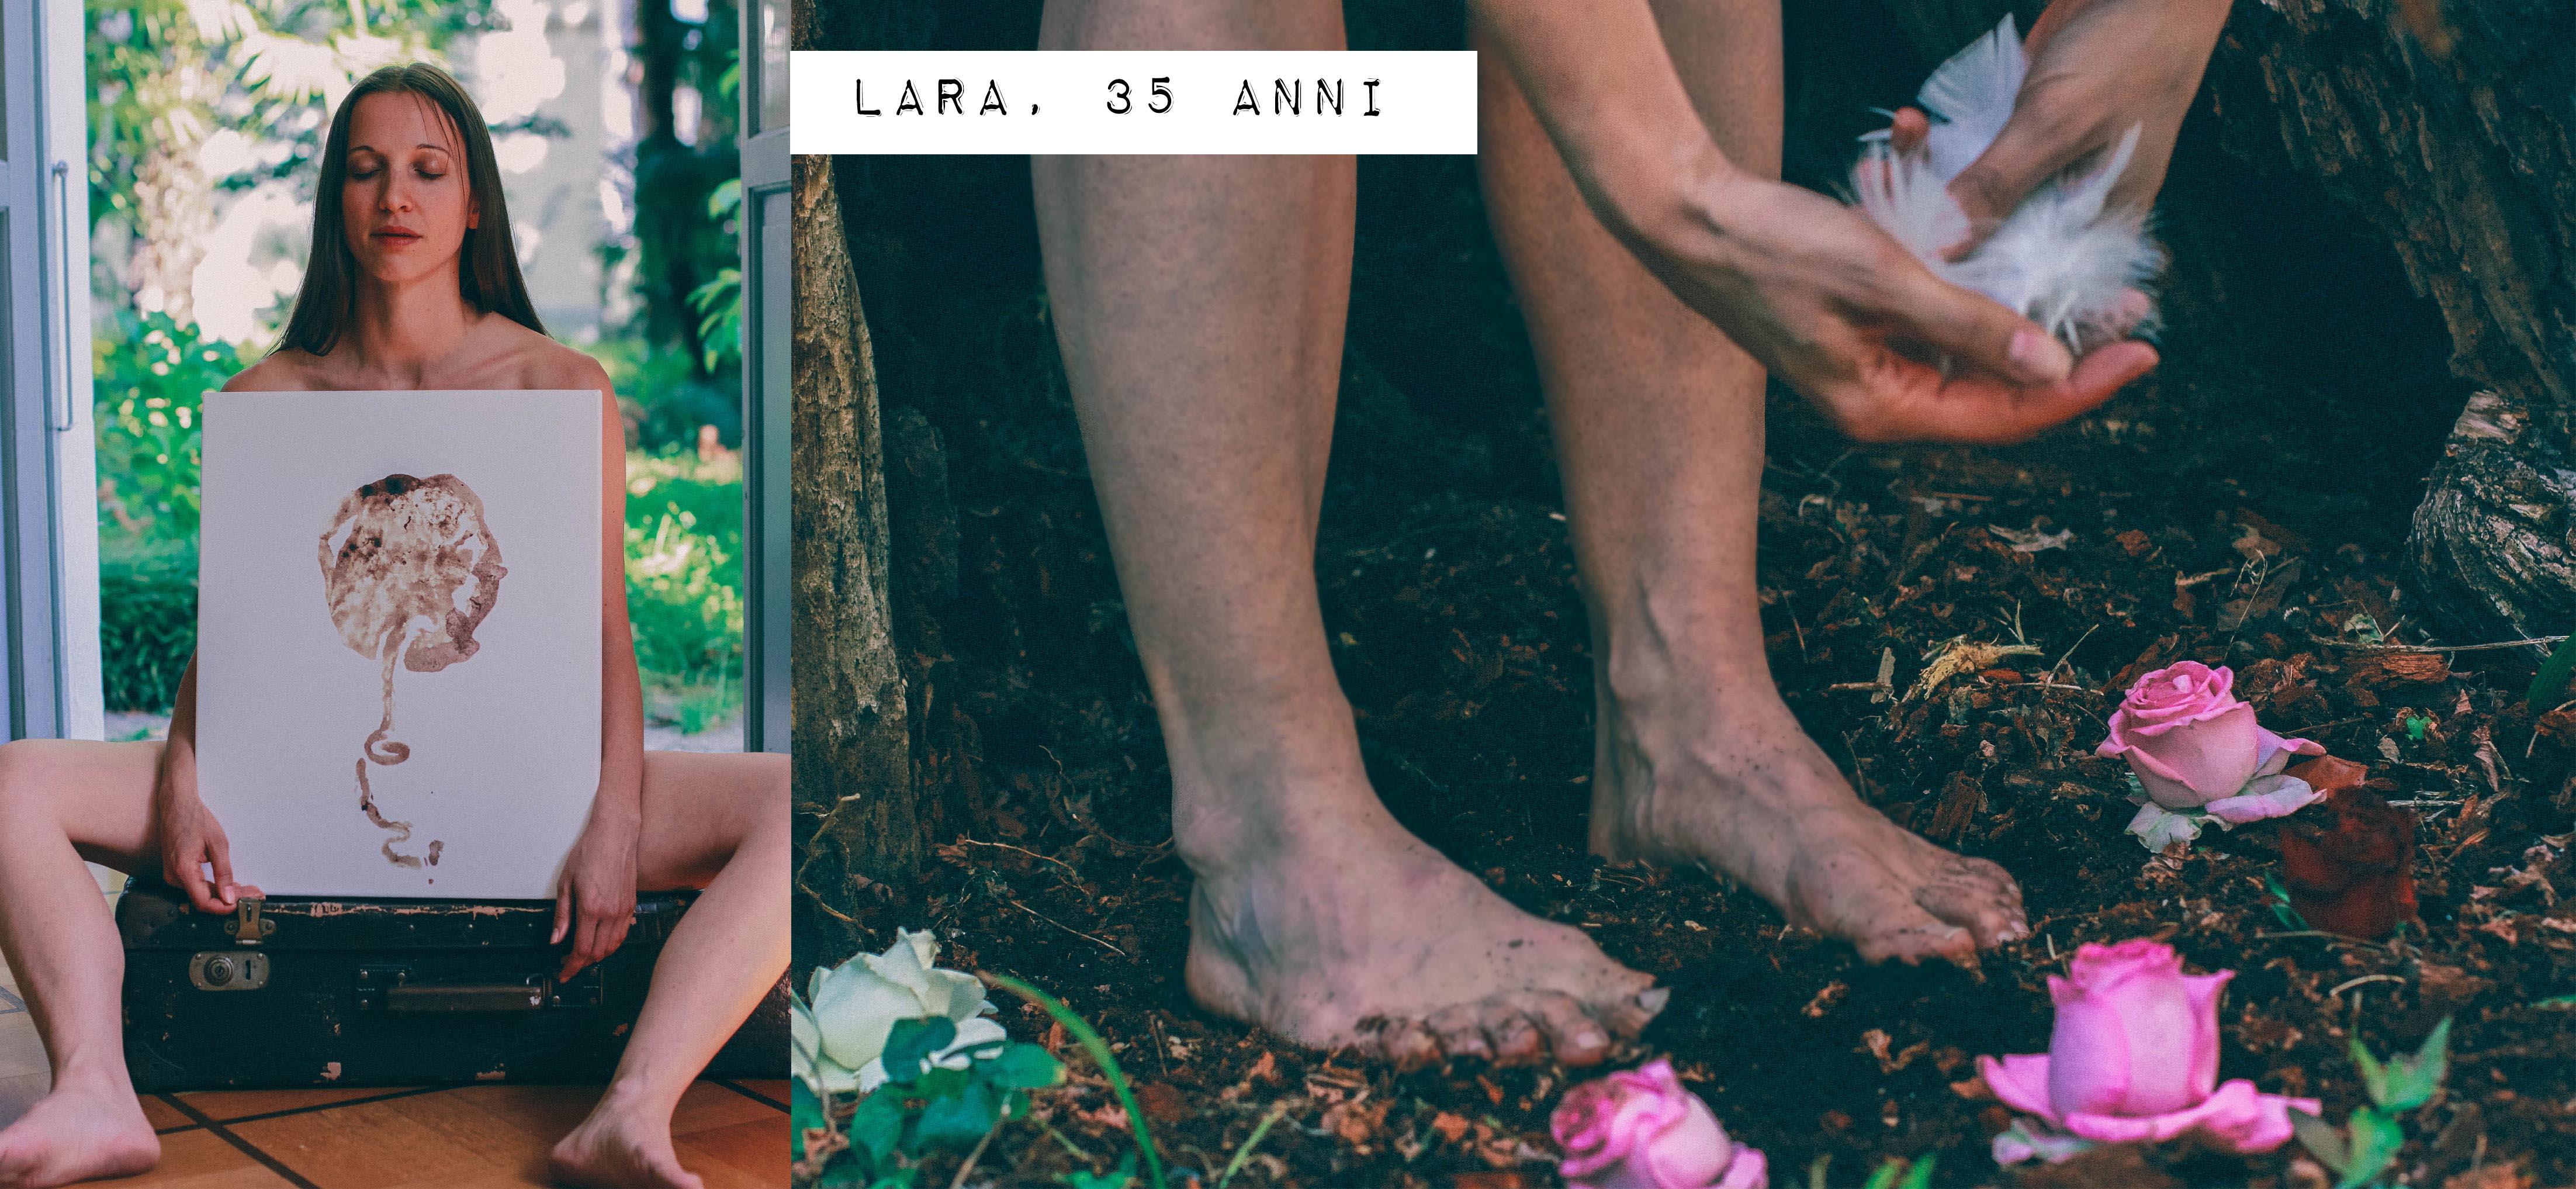 Lara, 35 anni